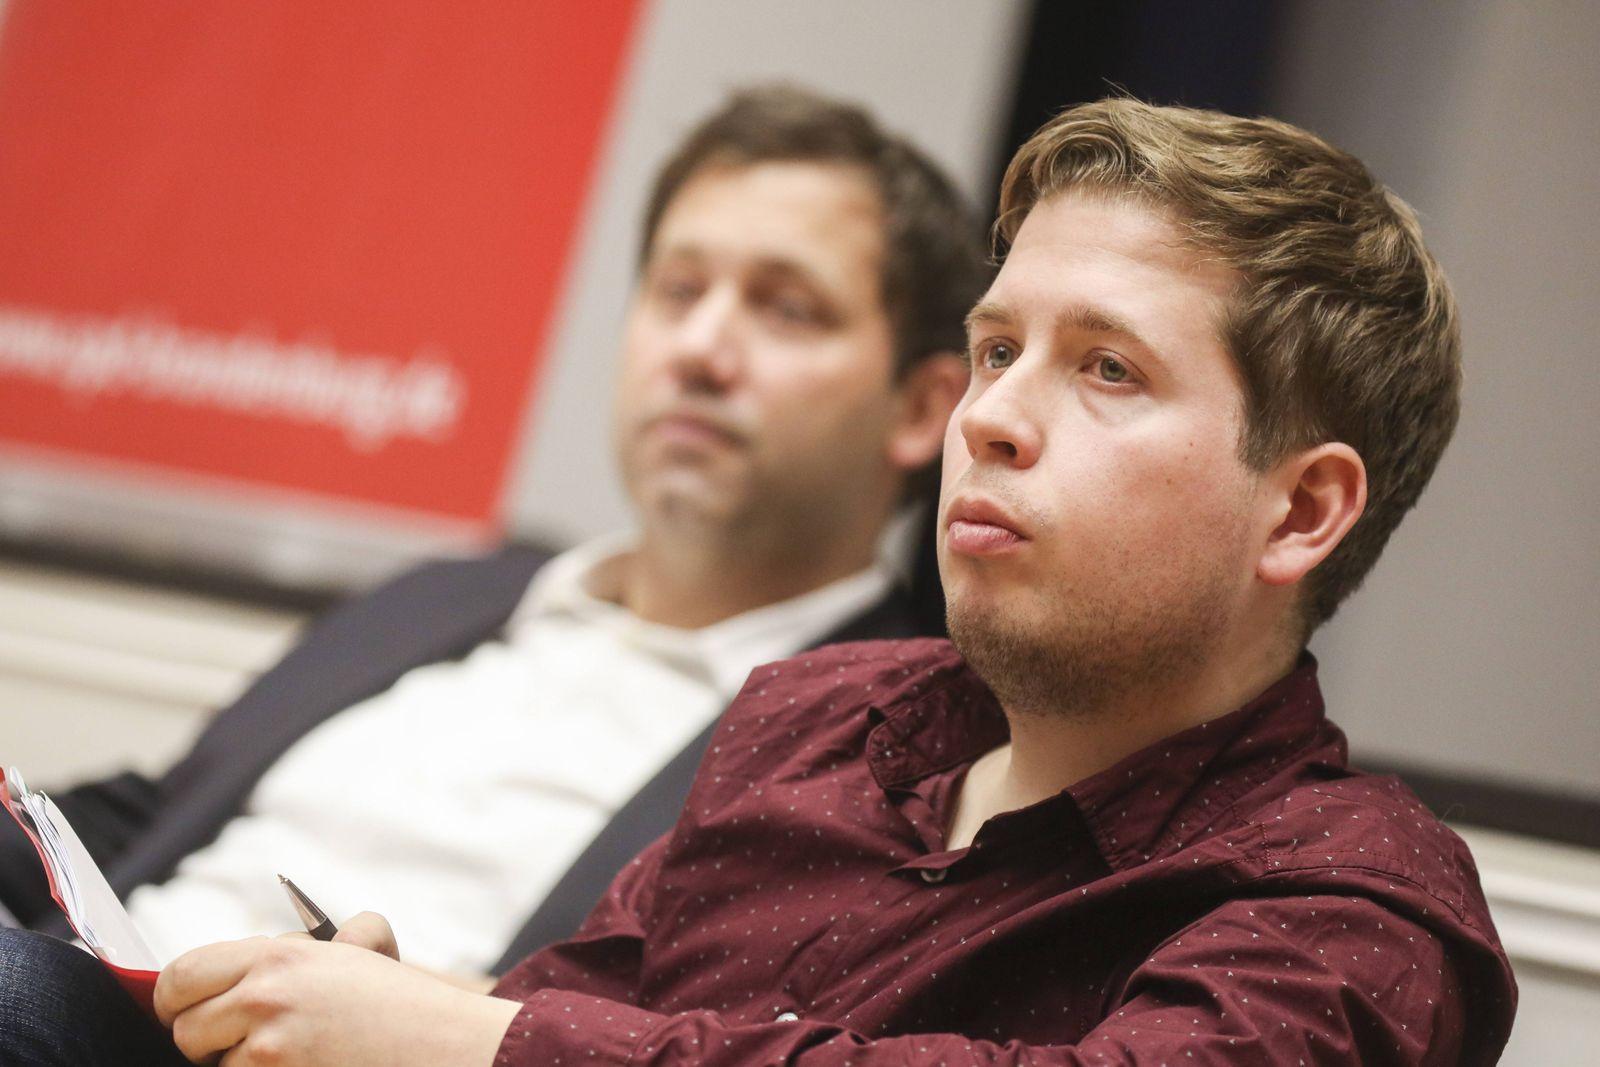 Lars Klingbeil Generalsekretär und Kevin Kühnert Juso Chef bei der Diskussion über die geplante g